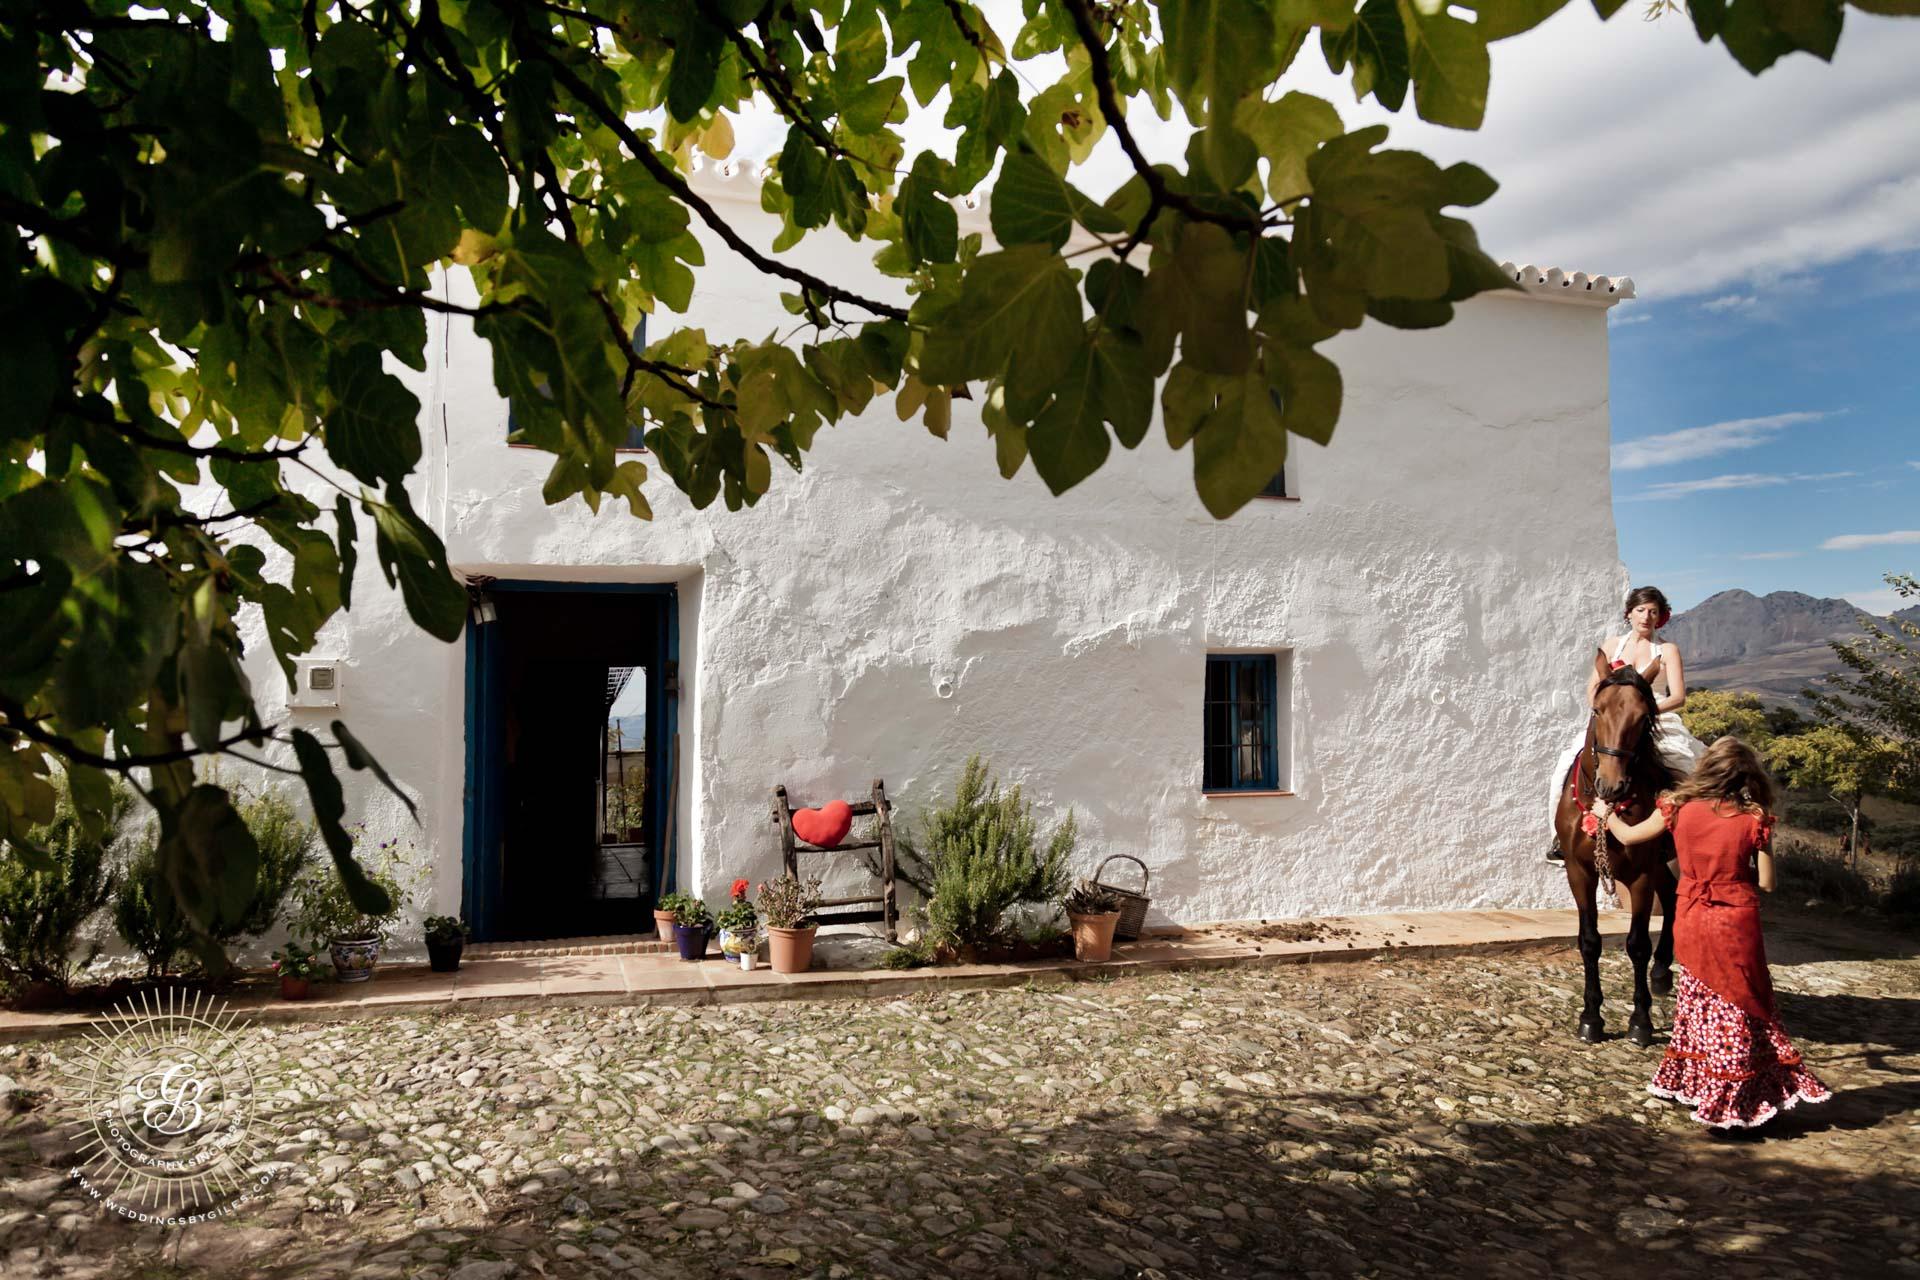 rustic andalucia wedding venue